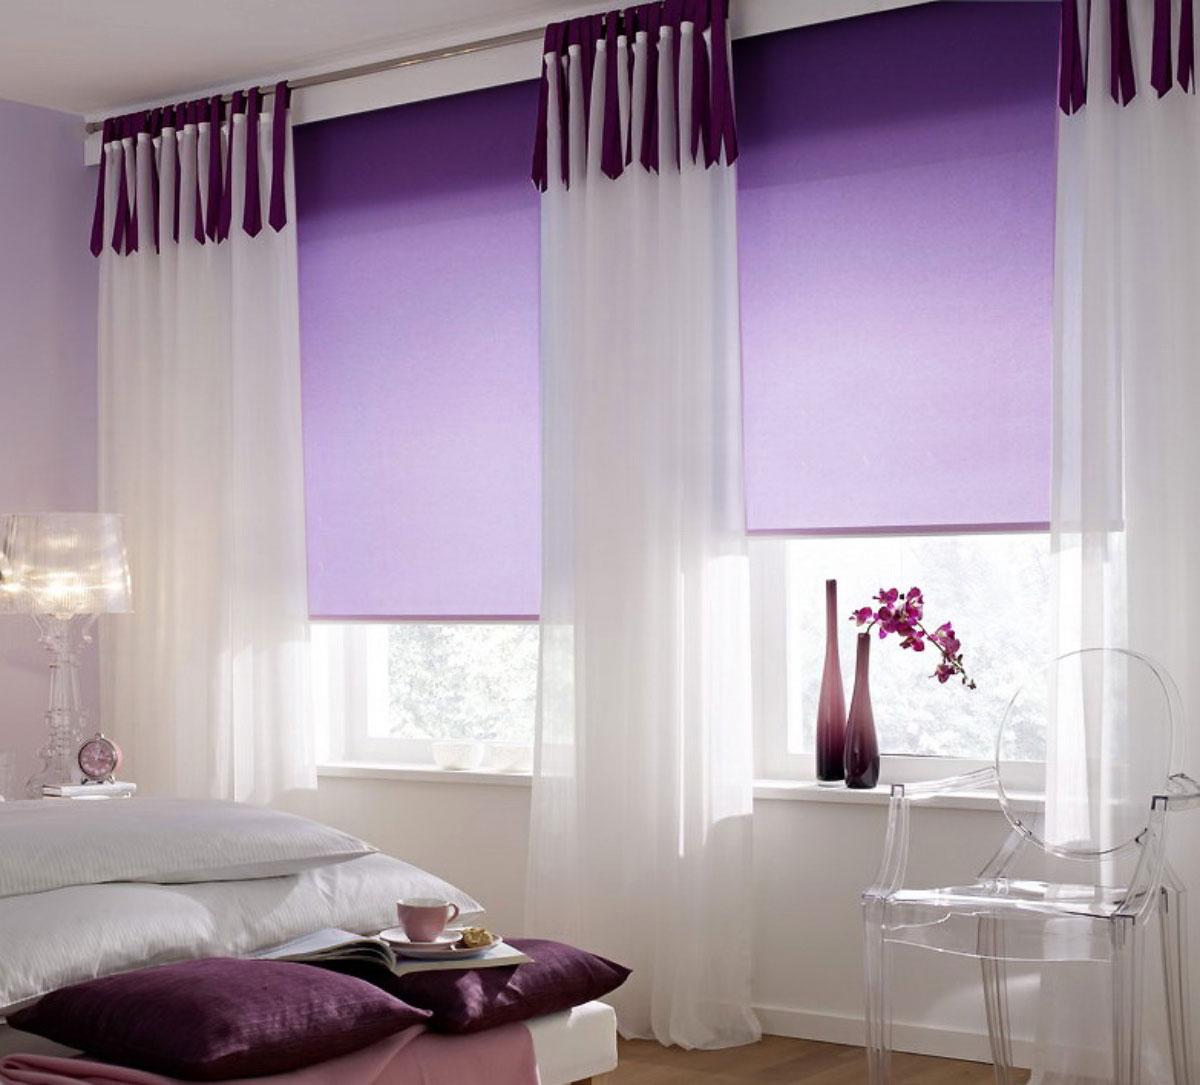 Штора рулонная KauffOrt Миниролло, цвет: фиолетовый, ширина 115 см, высота 170 смGC013/00Рулонная штора Миниролло выполнена из высокопрочной ткани, которая сохраняет свой размер даже при намокании. Ткань не выцветает и обладает отличной цветоустойчивостью.Миниролло - это подвид рулонных штор, который закрывает не весь оконный проем, а непосредственно само стекло. Такие шторы крепятся на раму без сверления при помощи зажимов или клейкой двухсторонней ленты (в комплекте). Окно остается на гарантии, благодаря монтажу без сверления. Такая штора станет прекрасным элементом декора окна и гармонично впишется в интерьер любого помещения.